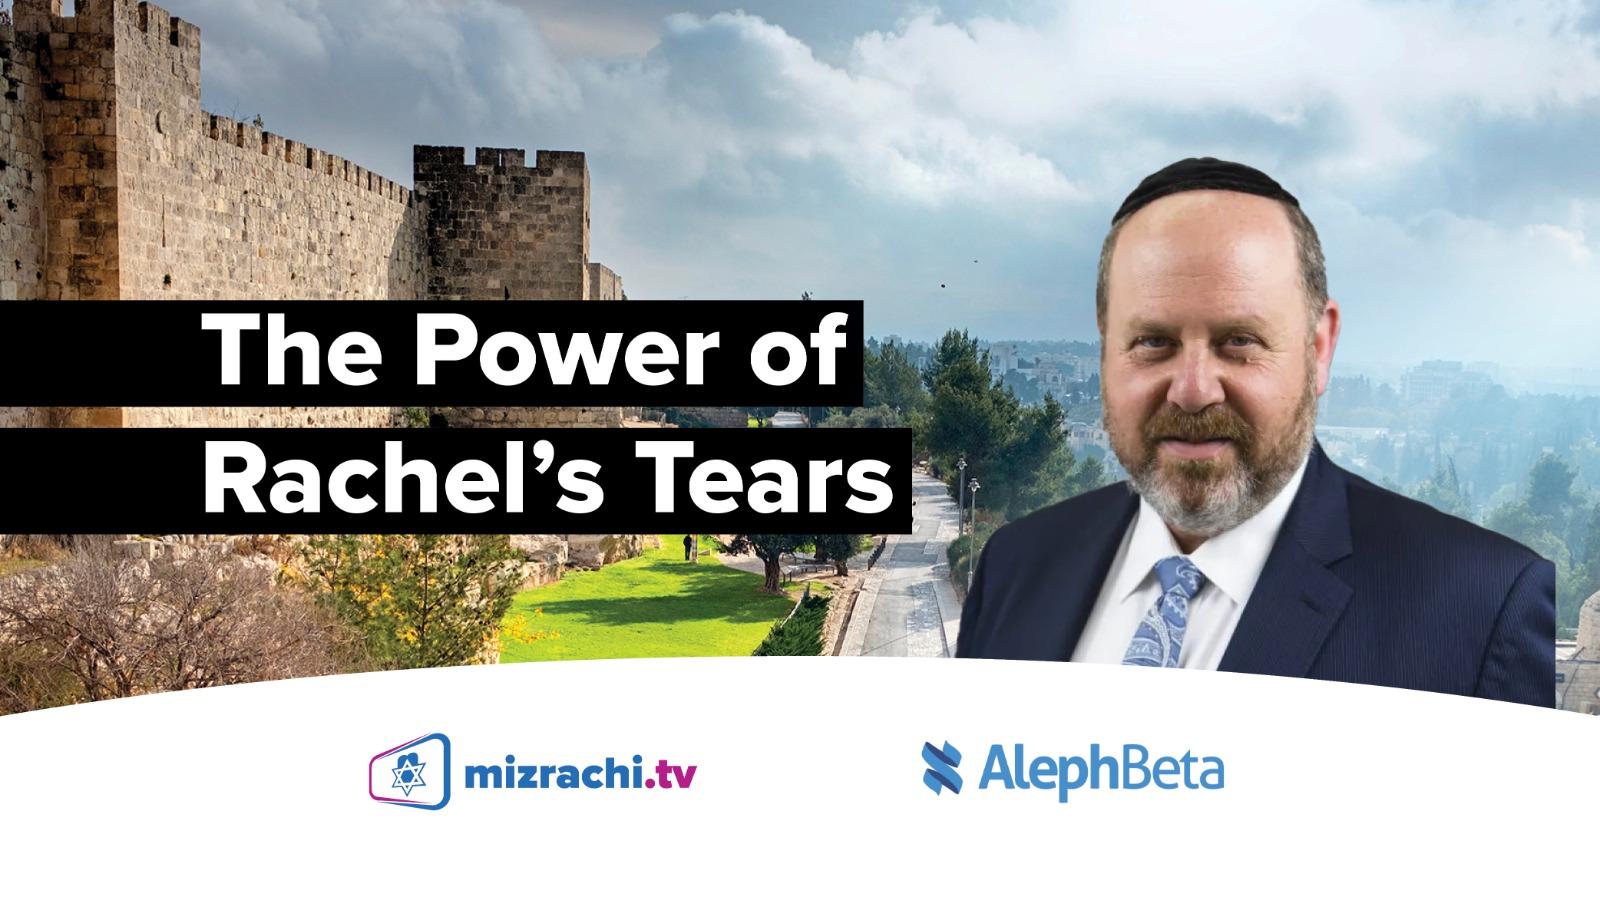 The Power of Rachel's Tears